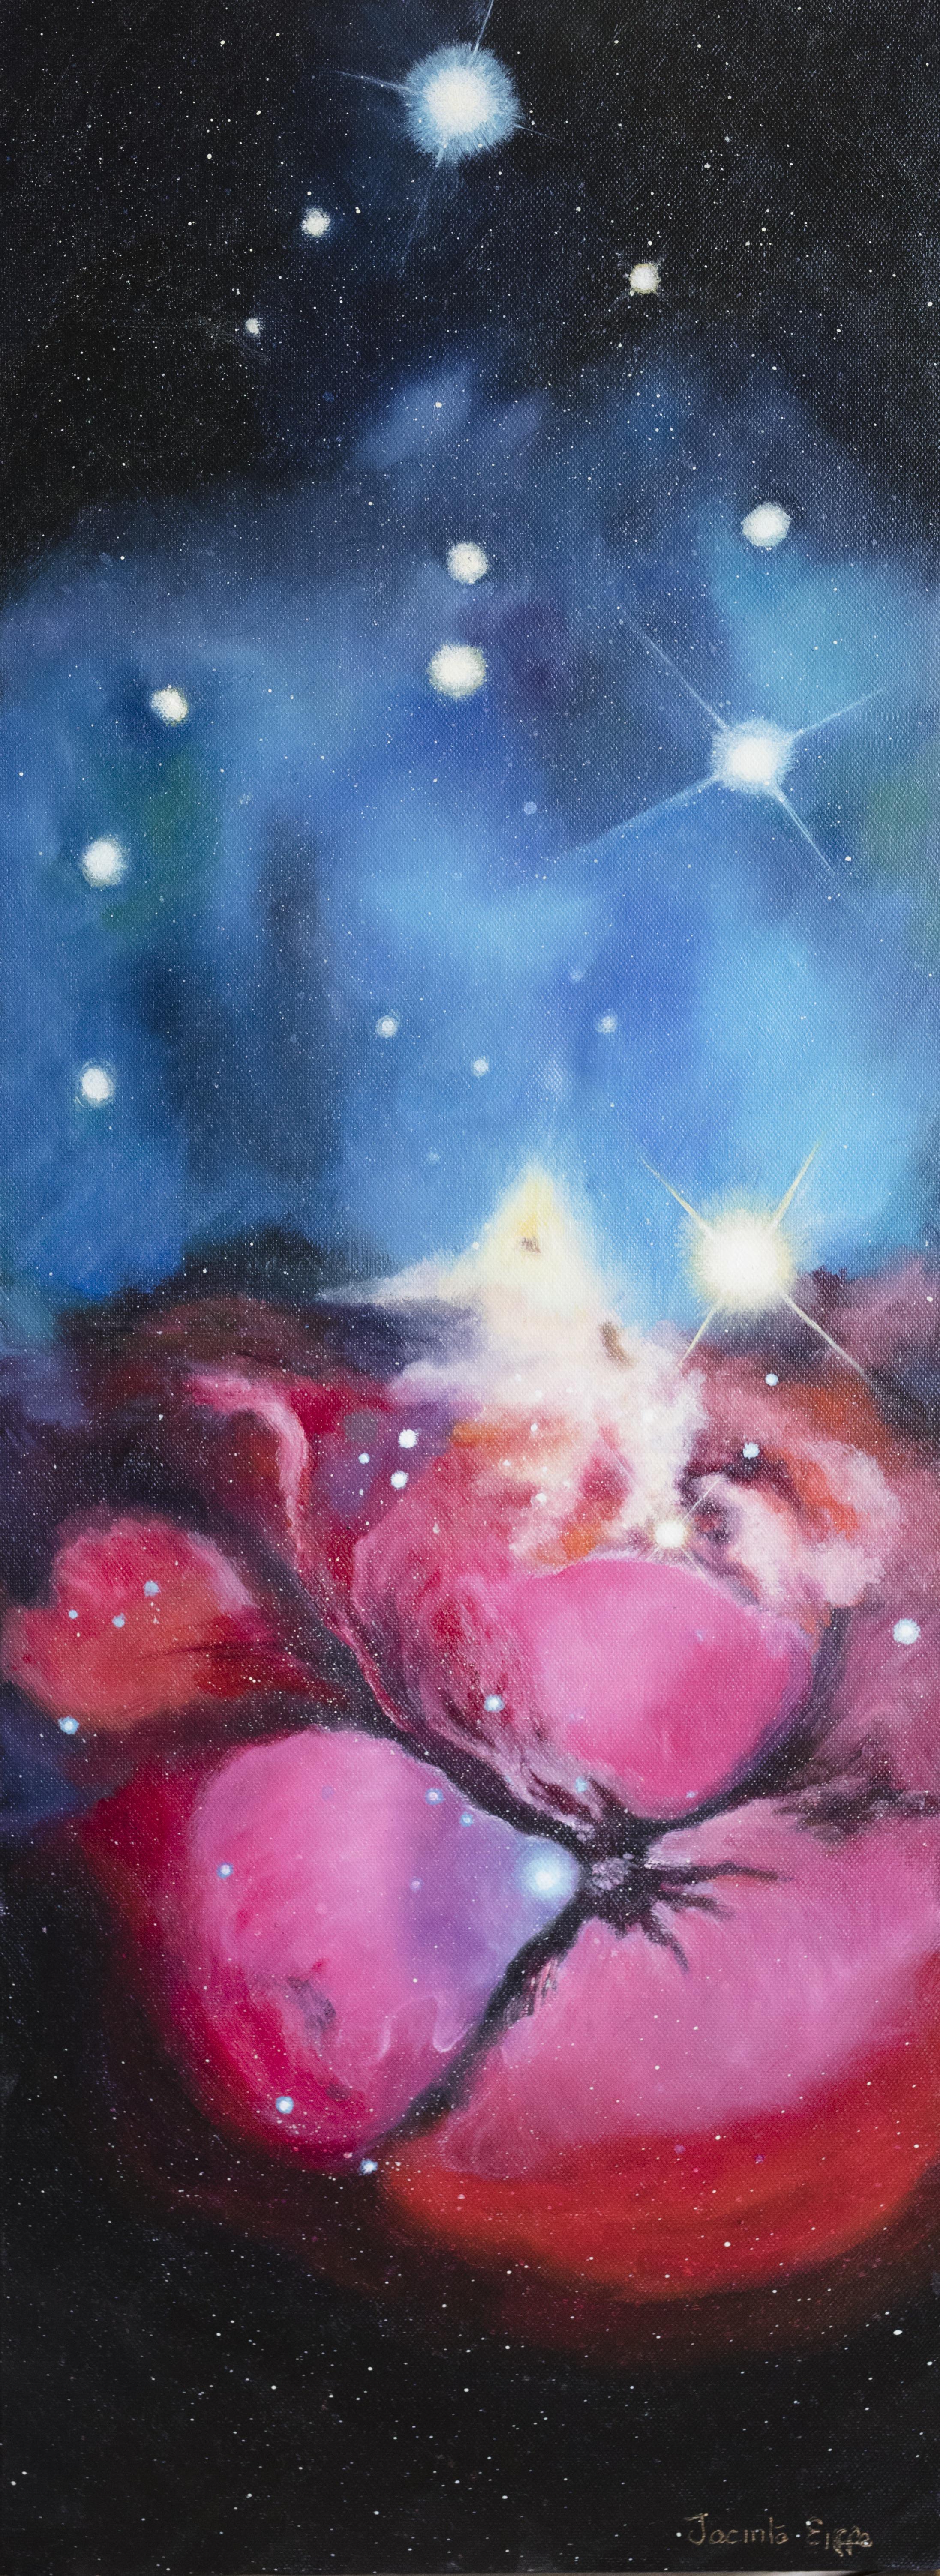 Carina Nebula II